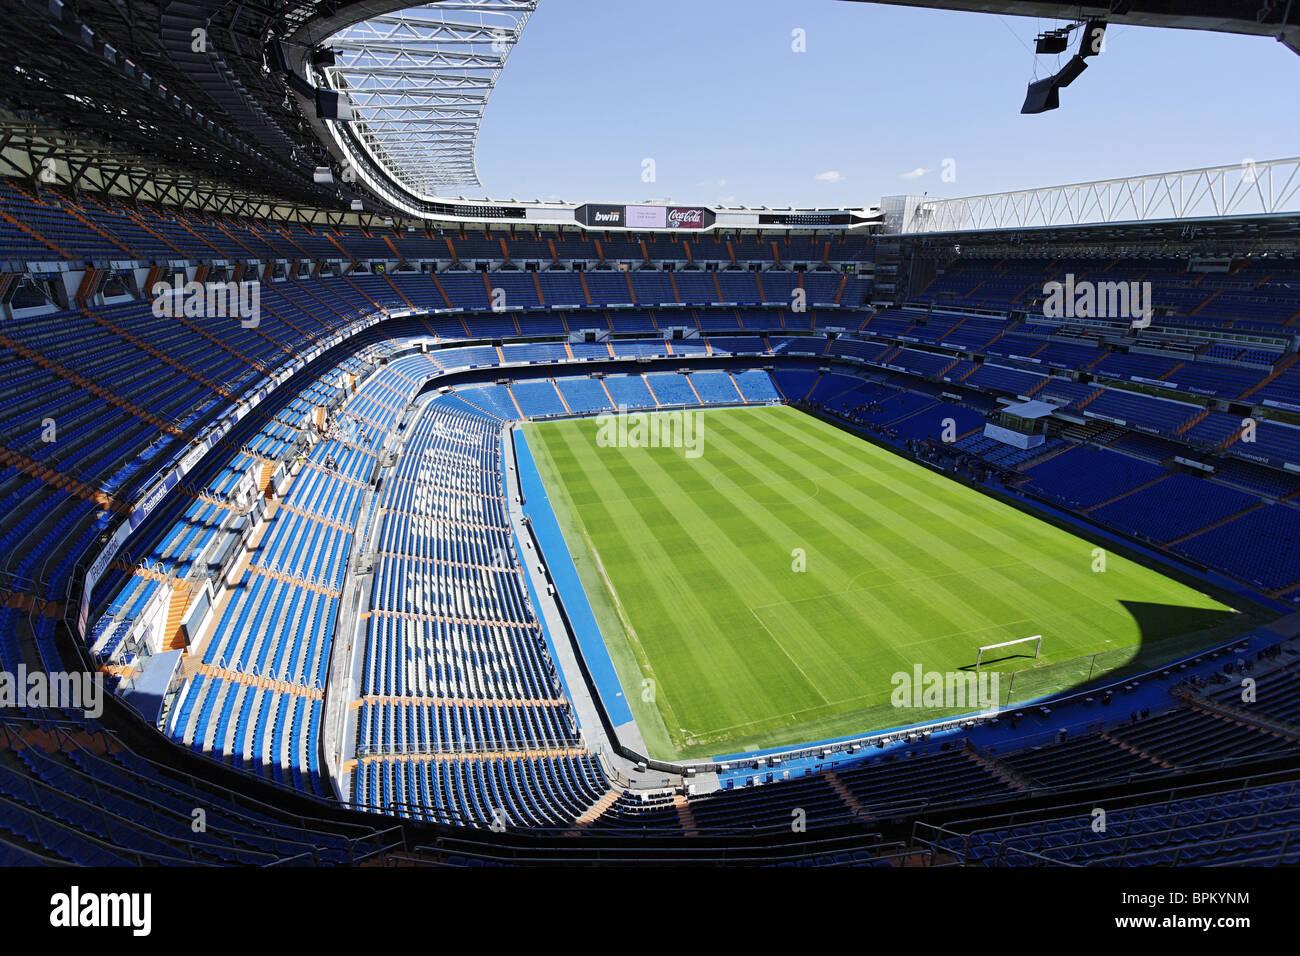 Santiago Bernabeu Stadium (UEFA Elite Stadium), Madrid, Spain - Stock Image